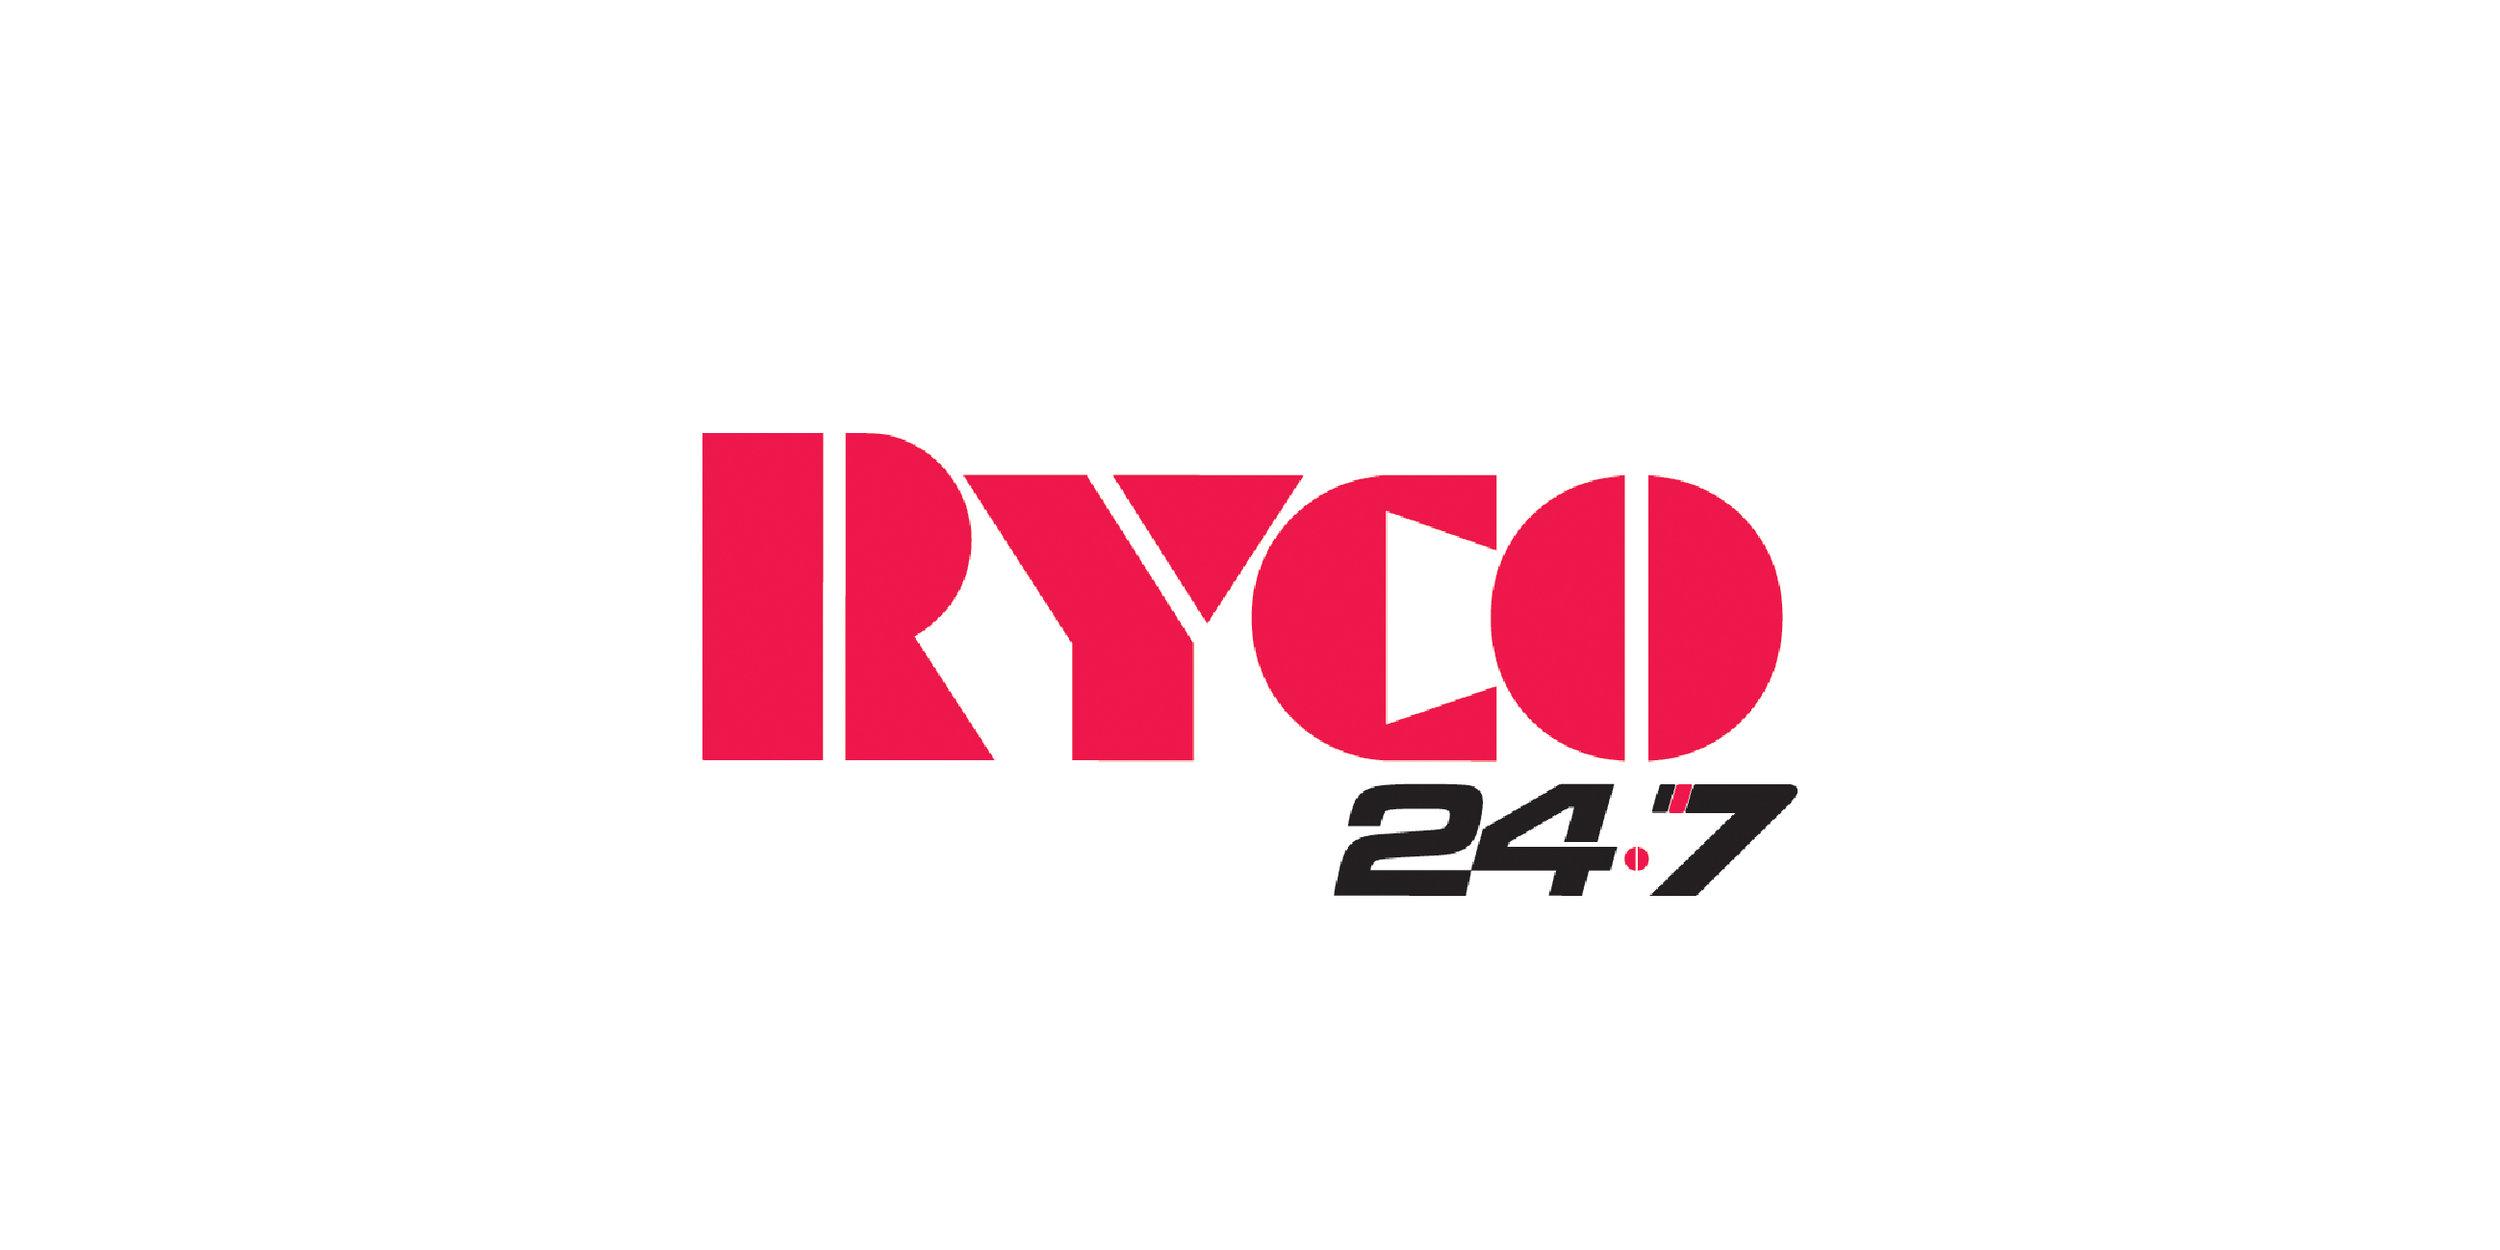 RYCO 24.7